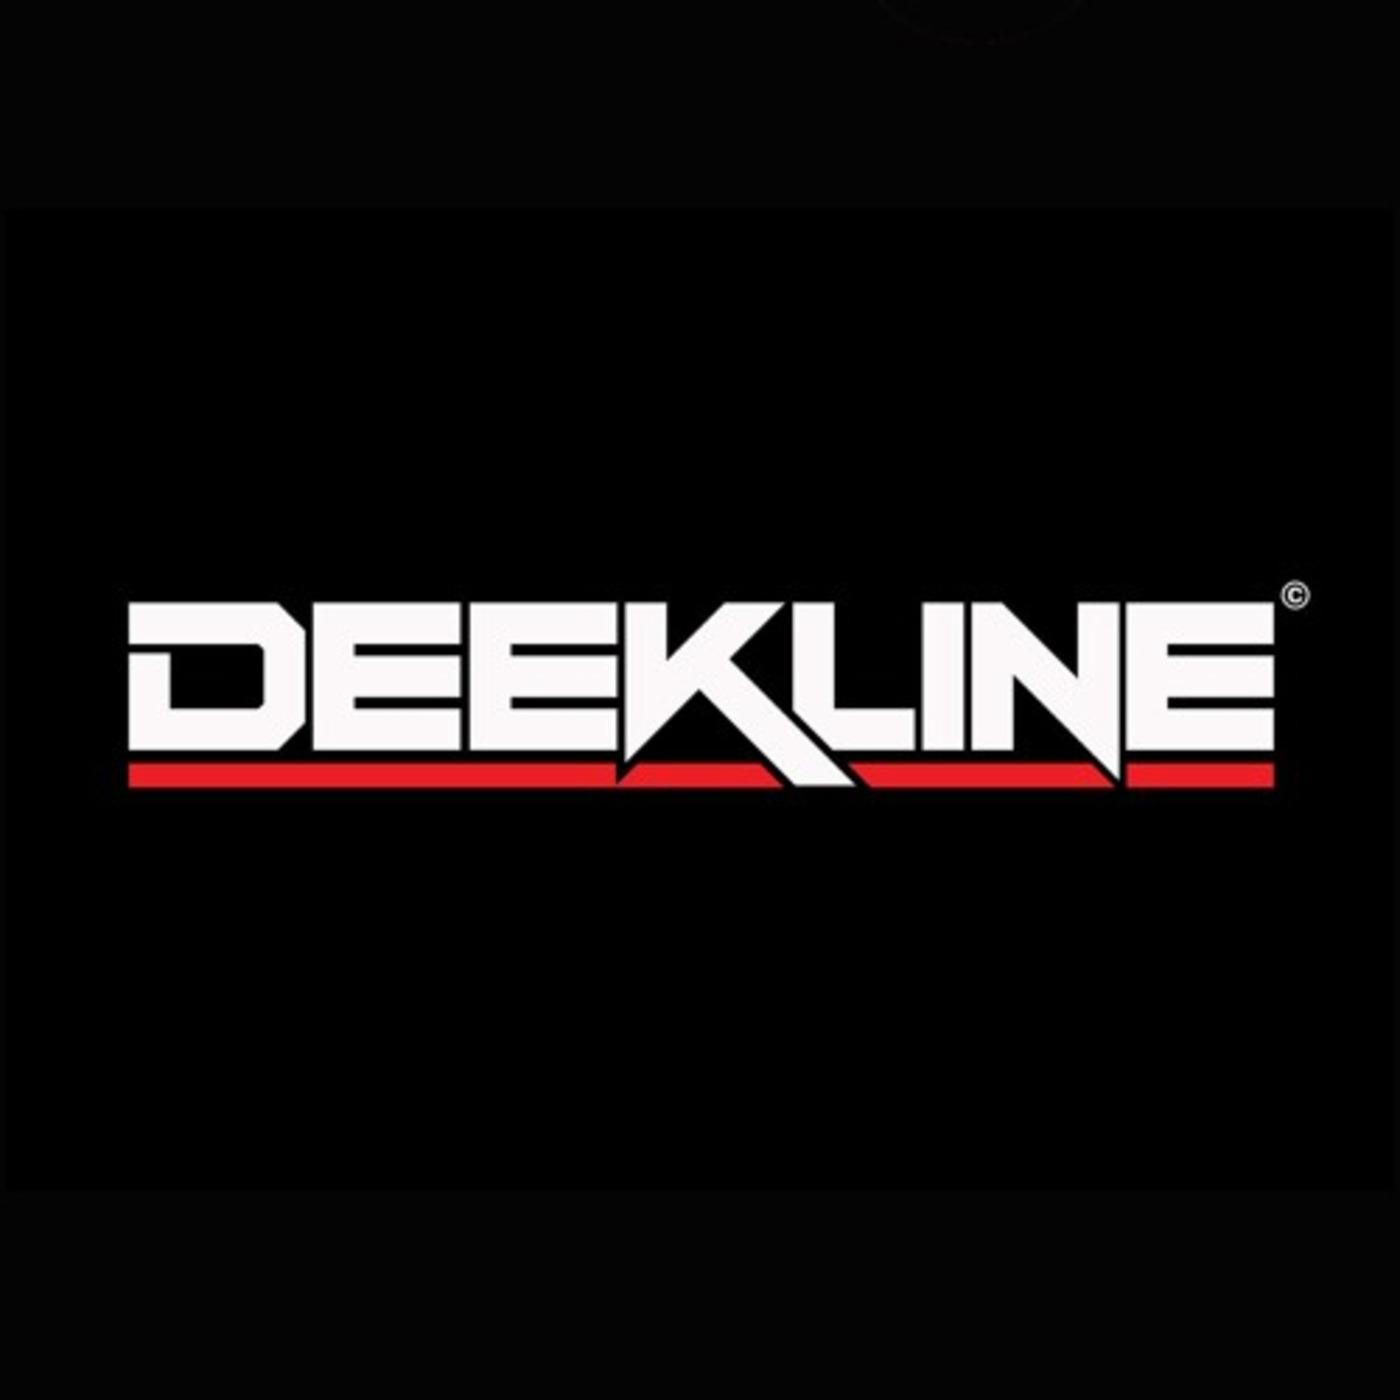 DEEKLINE - THAMES DELTA RADIO MR QUEST JUNGLE DnB PODCASTS